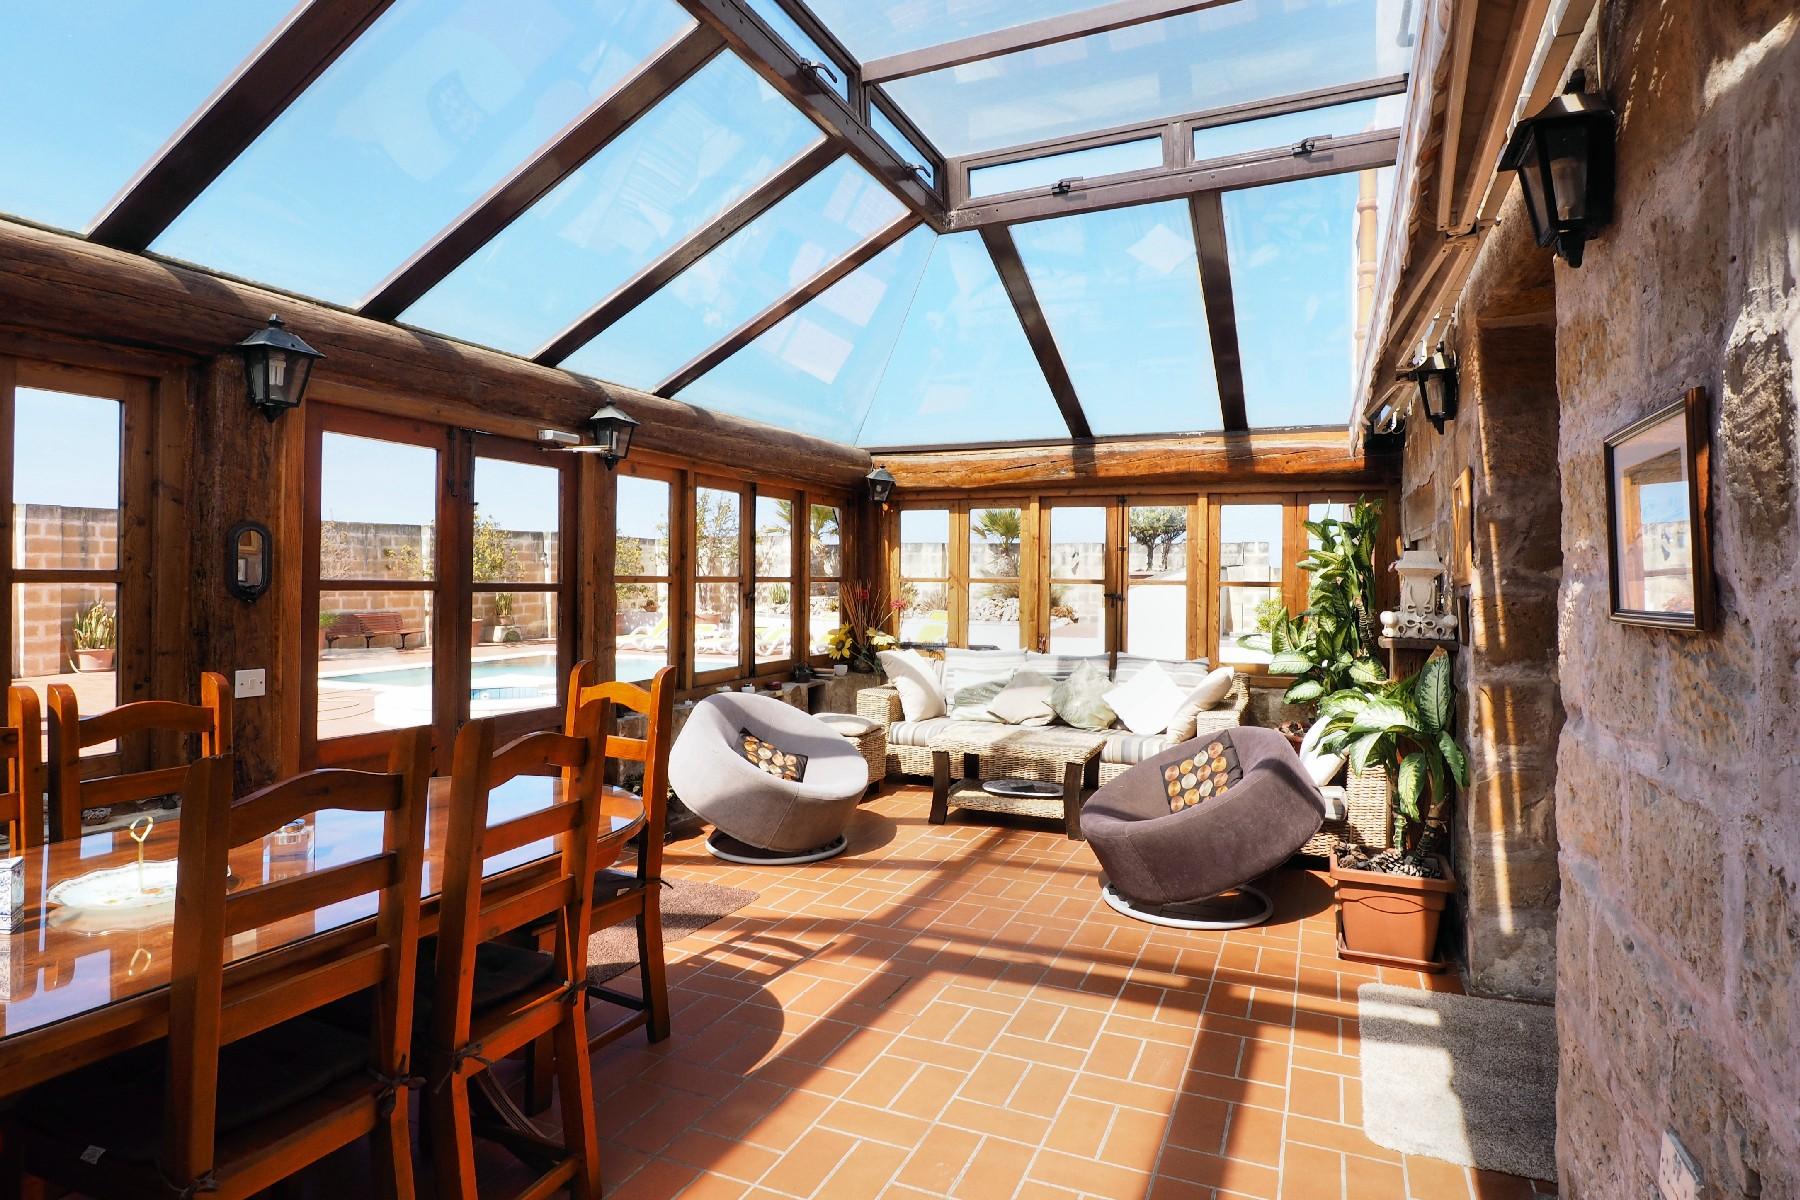 Malta Property for sale in Malta, Swatar